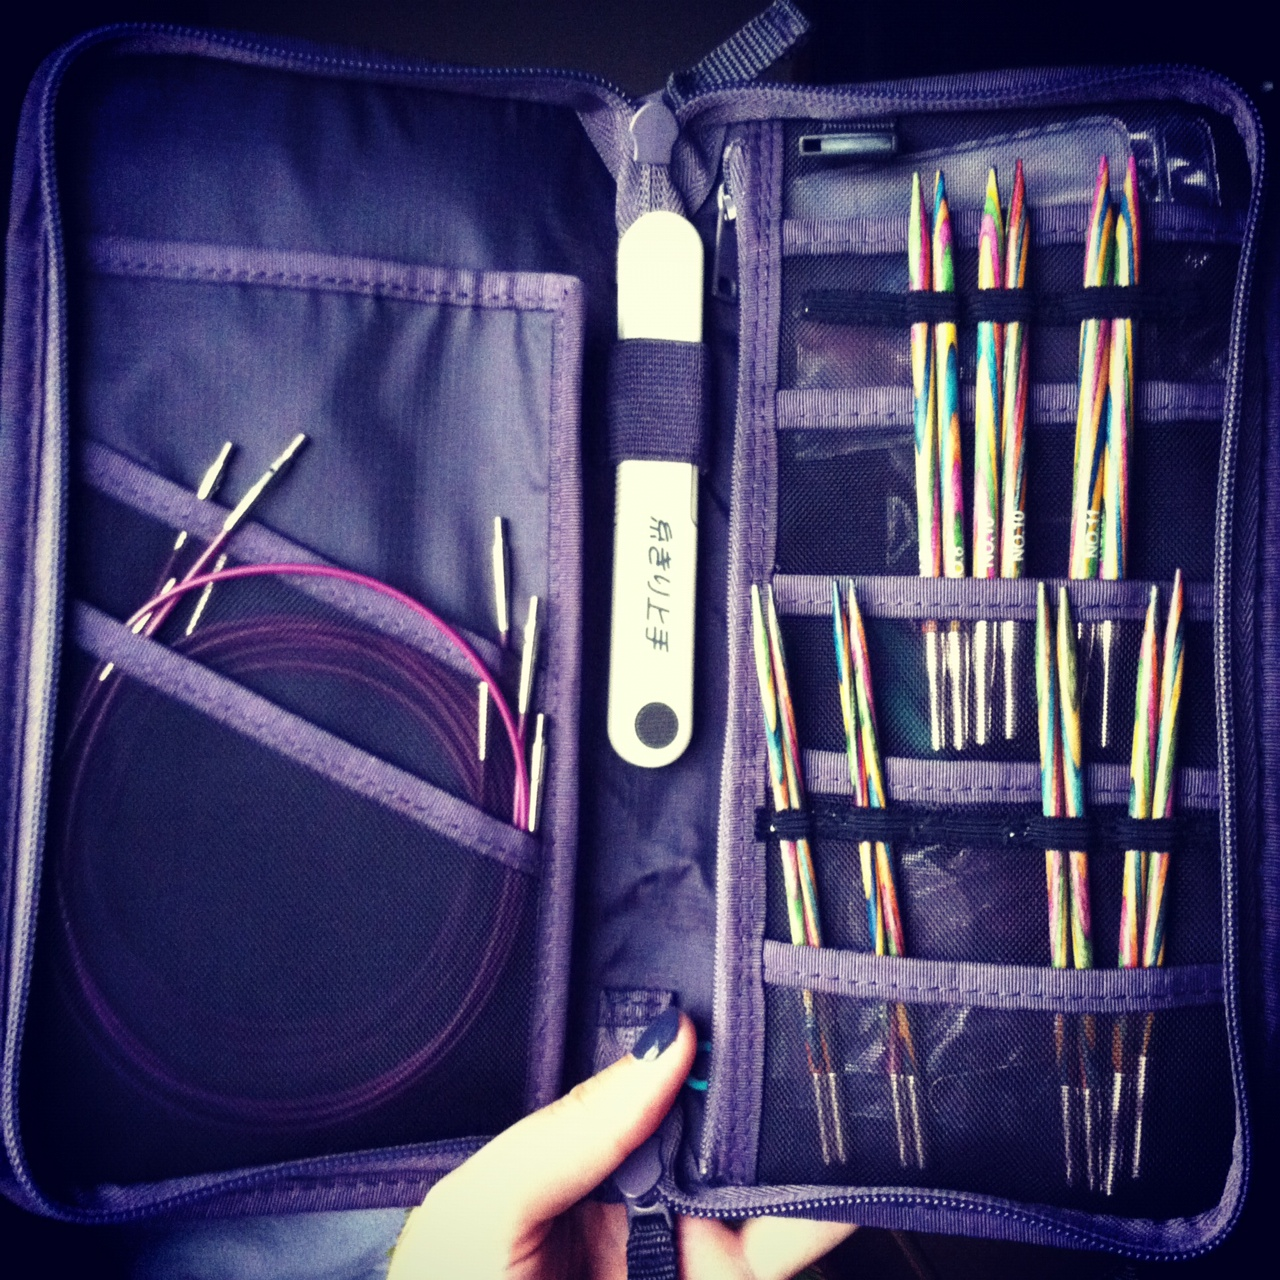 Knitting Needle Case Diy : Diy knitting needle case my amimono life